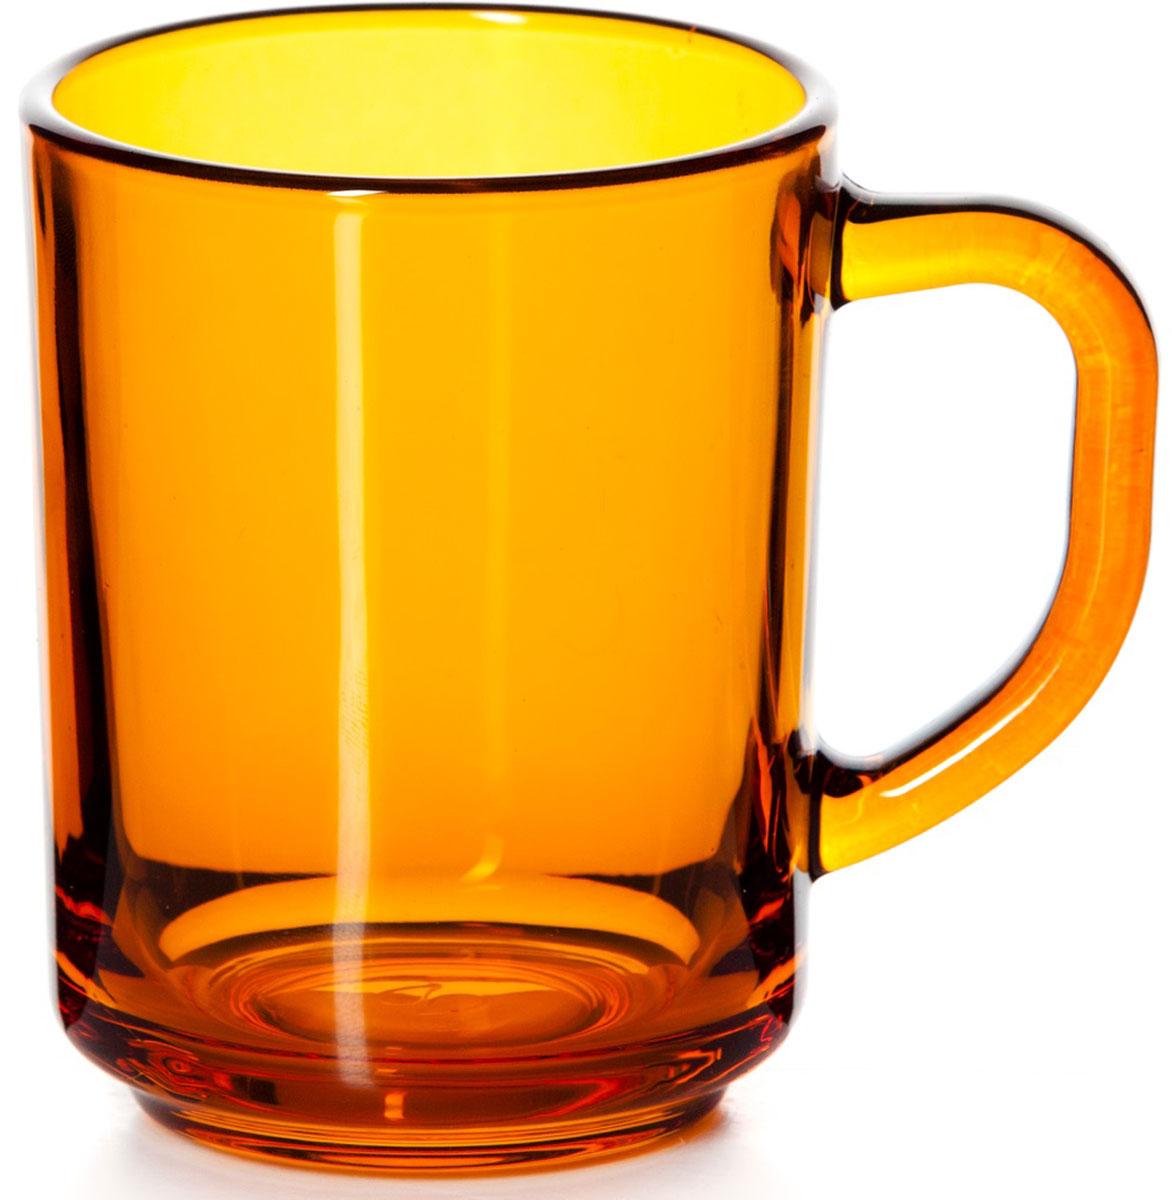 Кружка Pasabahce Энжой Оранж, цвет: оранжевый, 250 мл730632Кружка Pasabahce Энжой Оранж изготовлена из прозрачного цветного стекла.Изделие идеально подходит для сервировки стола.Кружка не только украсит ваш кухонныйстол, но и подчеркнет прекрасный вкус хозяйки. Объем кружки: 250 мл.